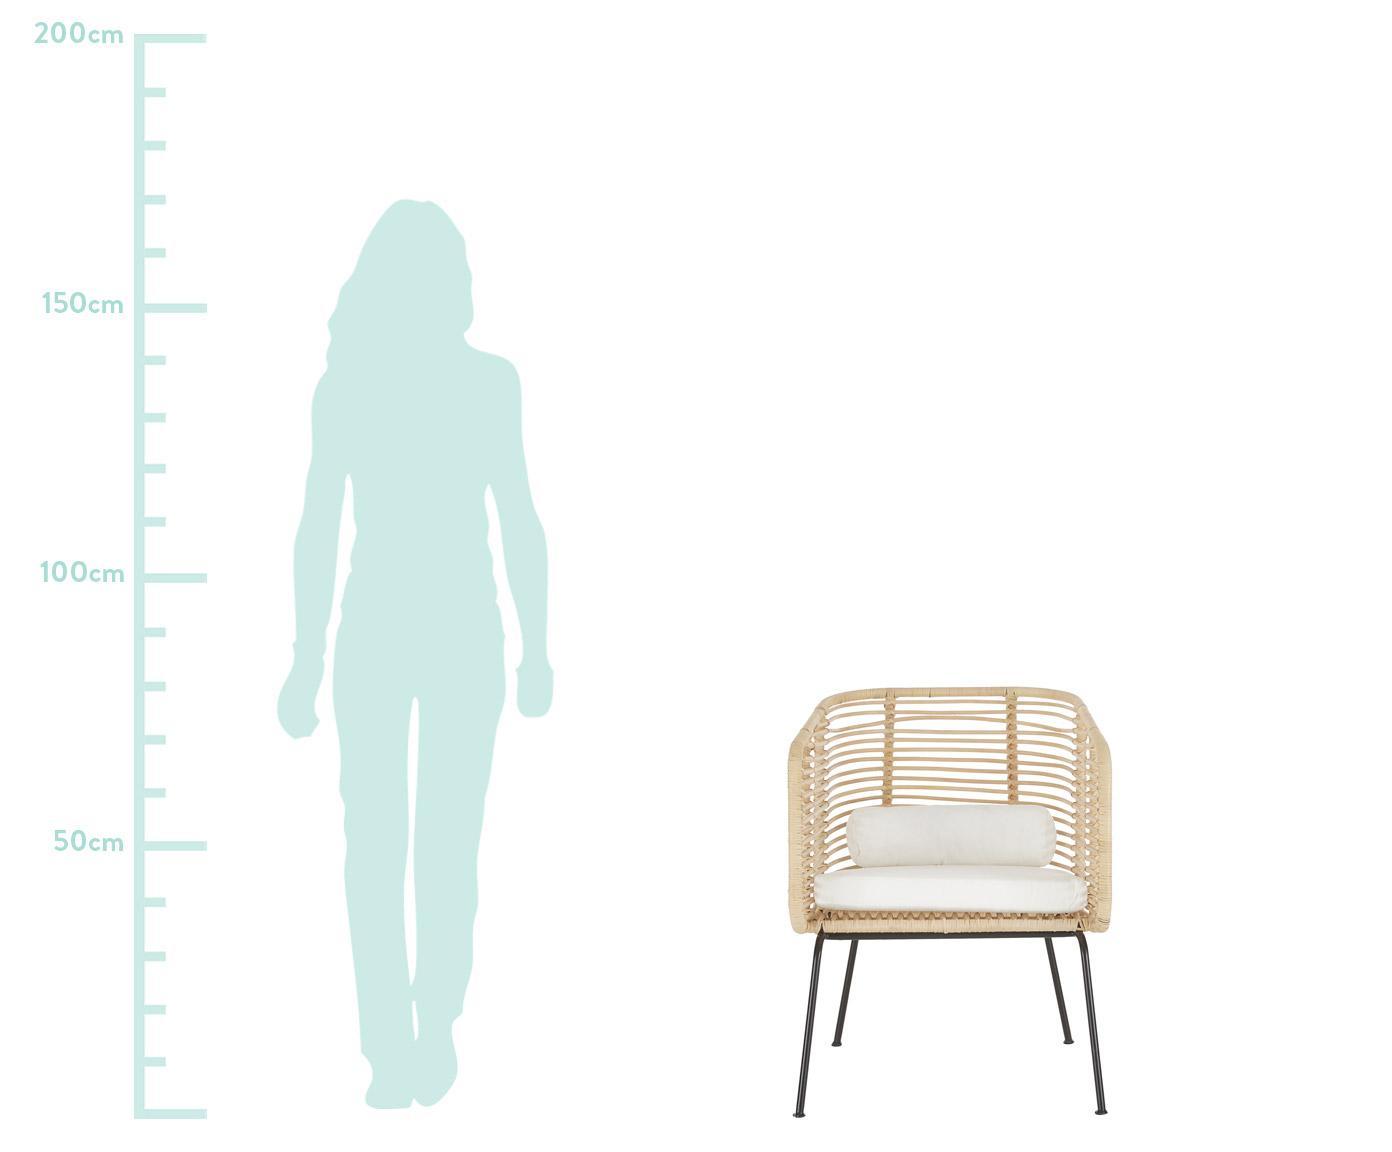 Krzesło z rattanu z podłokietnikami Merete, Stelaż: metal malowany proszkowo, Siedzisko: rattanStelaż: czarny, matowyPoszewki: biały, S 72 x G 74 cm